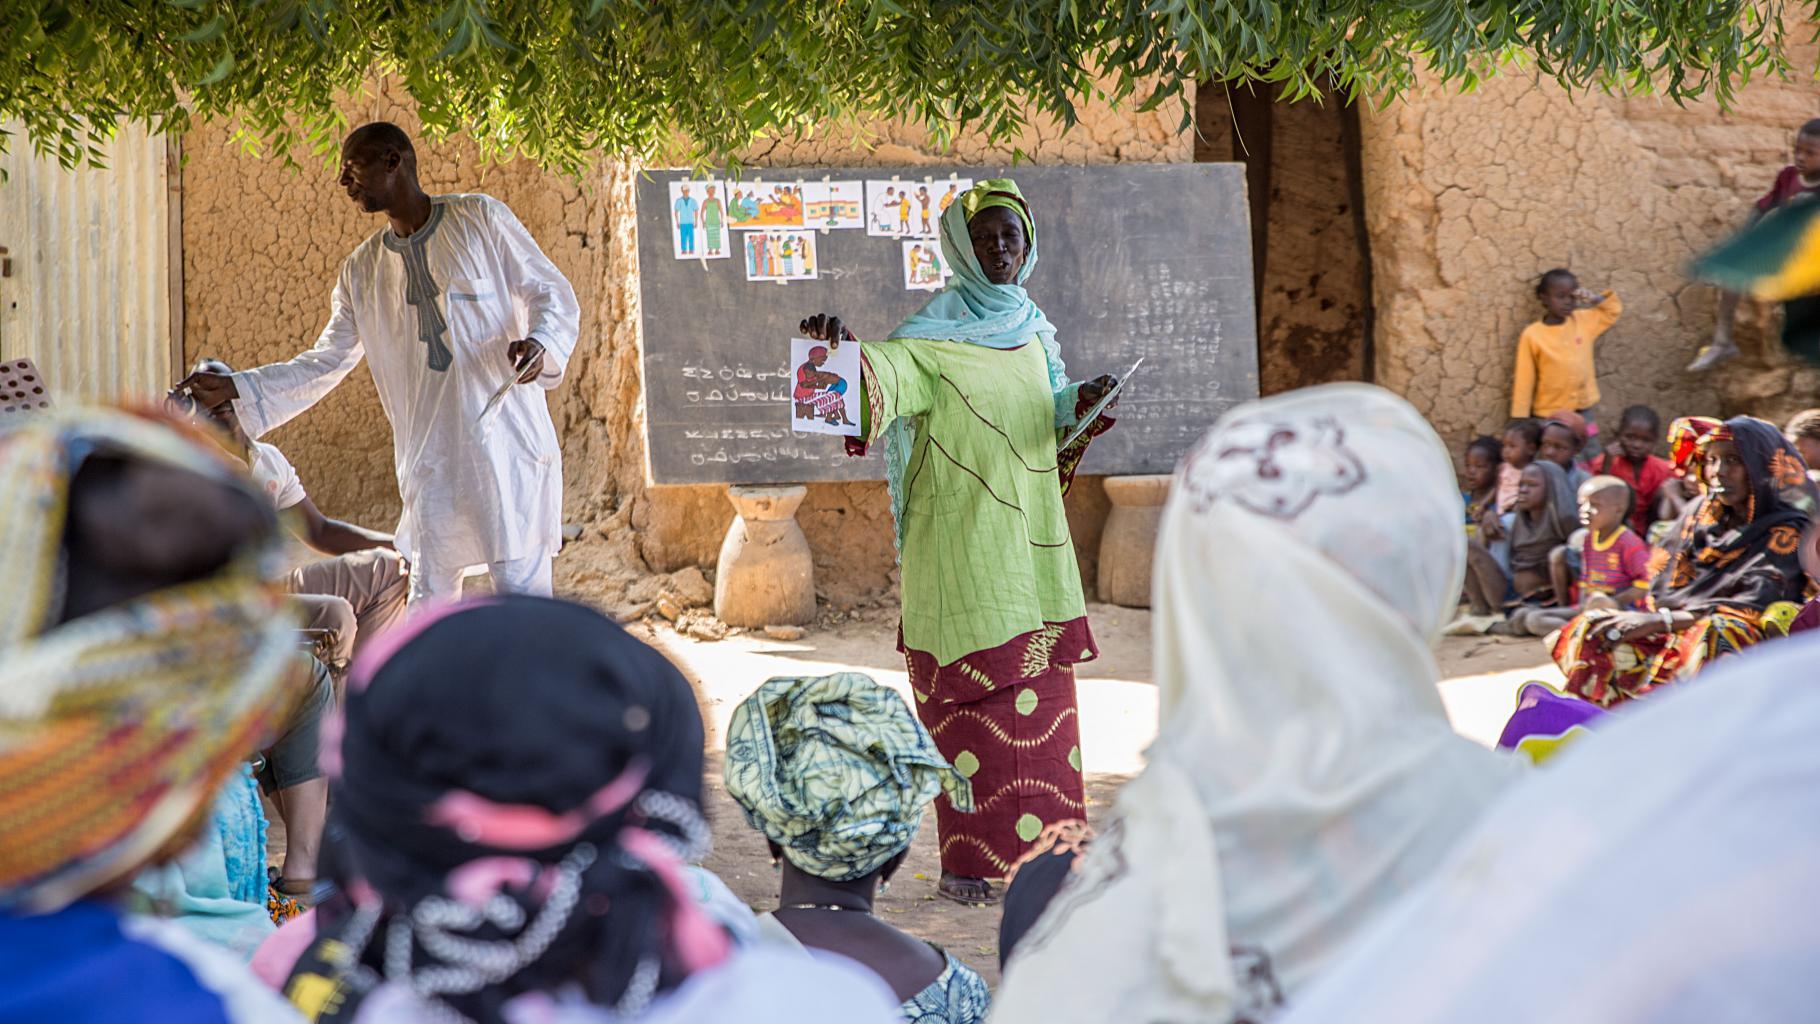 Sensibilisierungsarbeit zu Frauen- und Kinderrechten, zu reproduktiver und sexueller Gesundheit kann nachhaltigen Wandel bewirken.